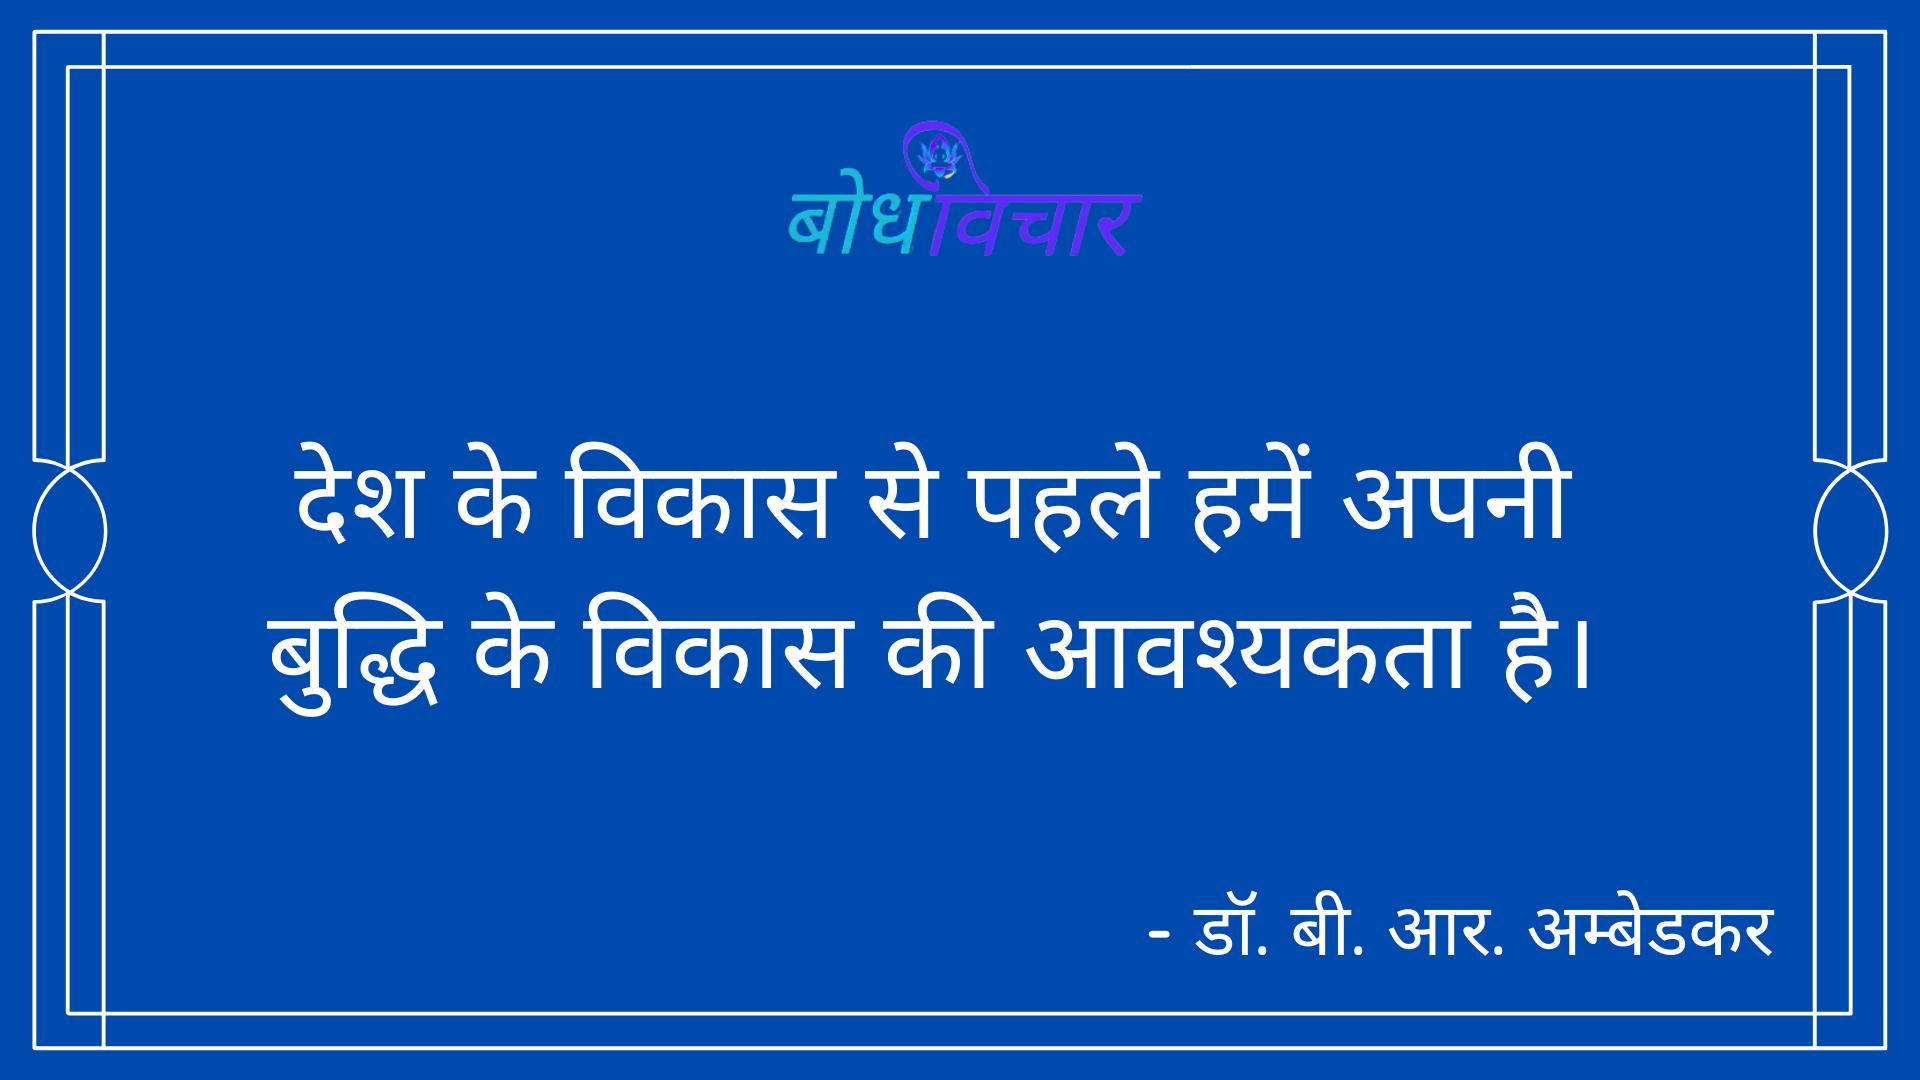 देश के विकास से पहले हमें अपनी बुद्धि के विकास की आवश्यकता है। : Desh ke vikaas se pahale hamen apanee buddhi ke vikaas kee aavashyakata hai. - डॉ॰ बी॰ आर॰ अम्बेडकर